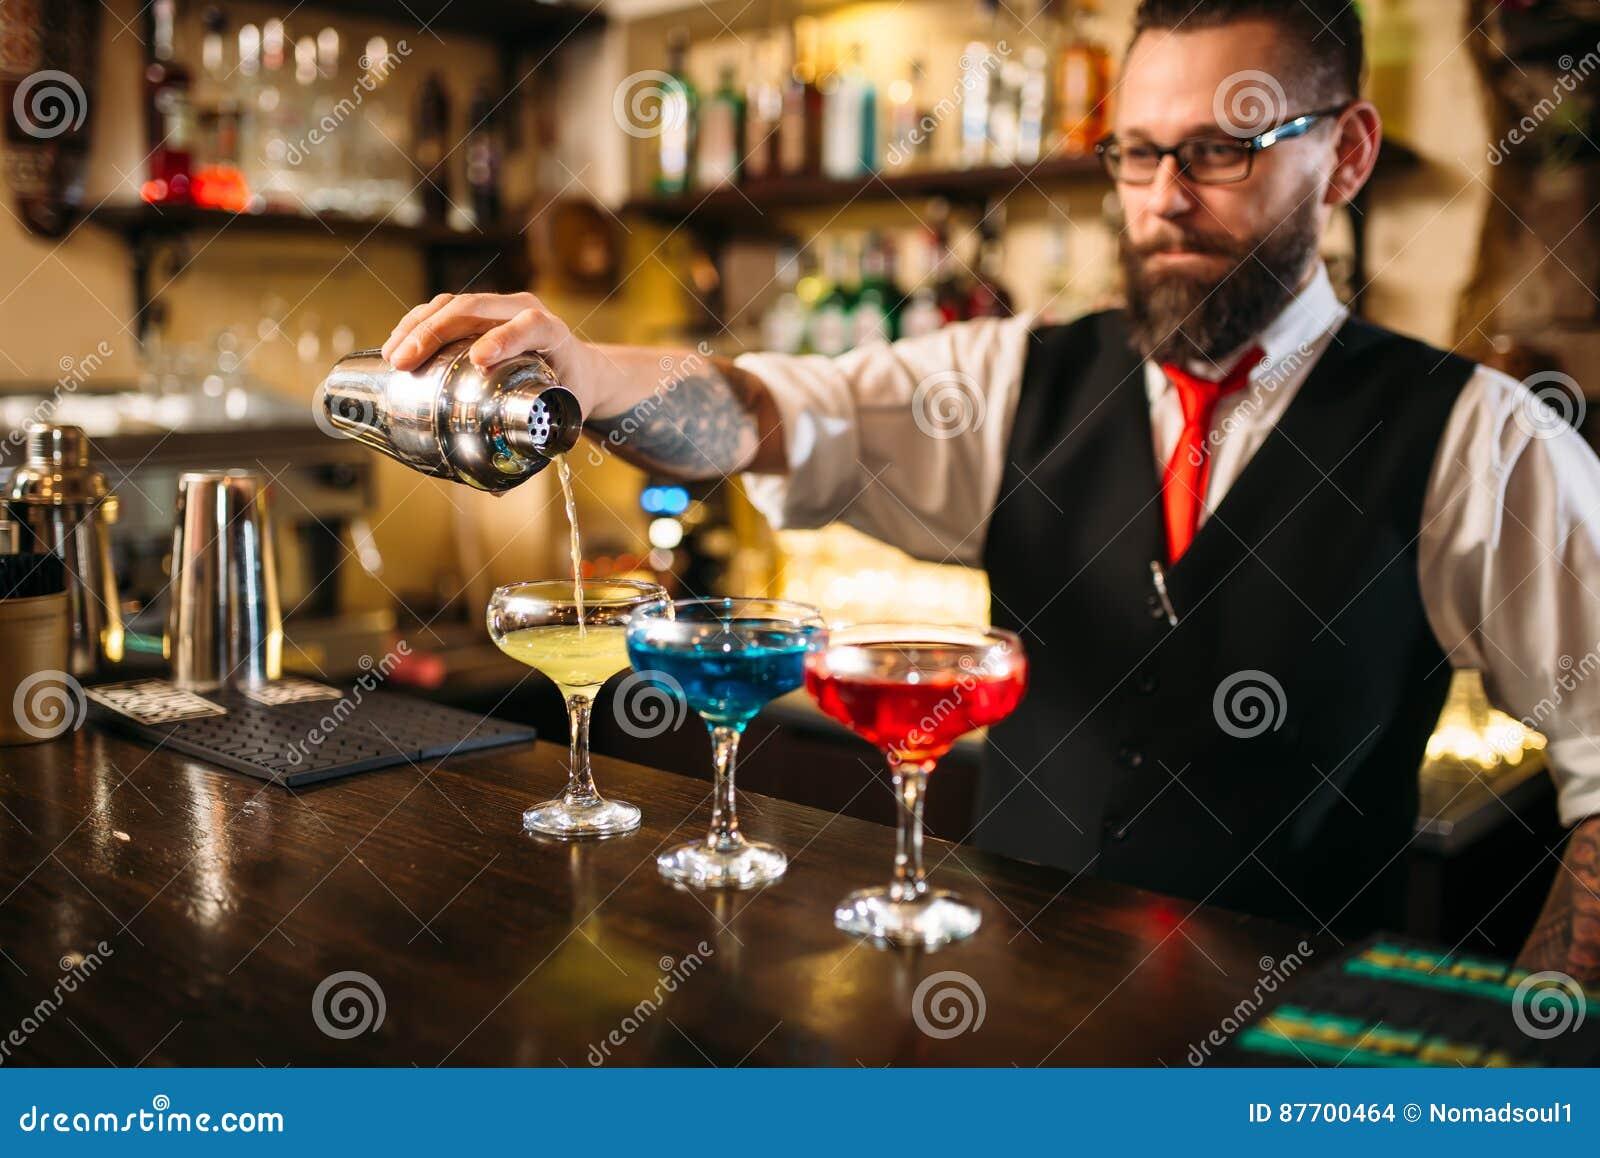 Barman faisant des cocktails d alcool dans la boîte de nuit